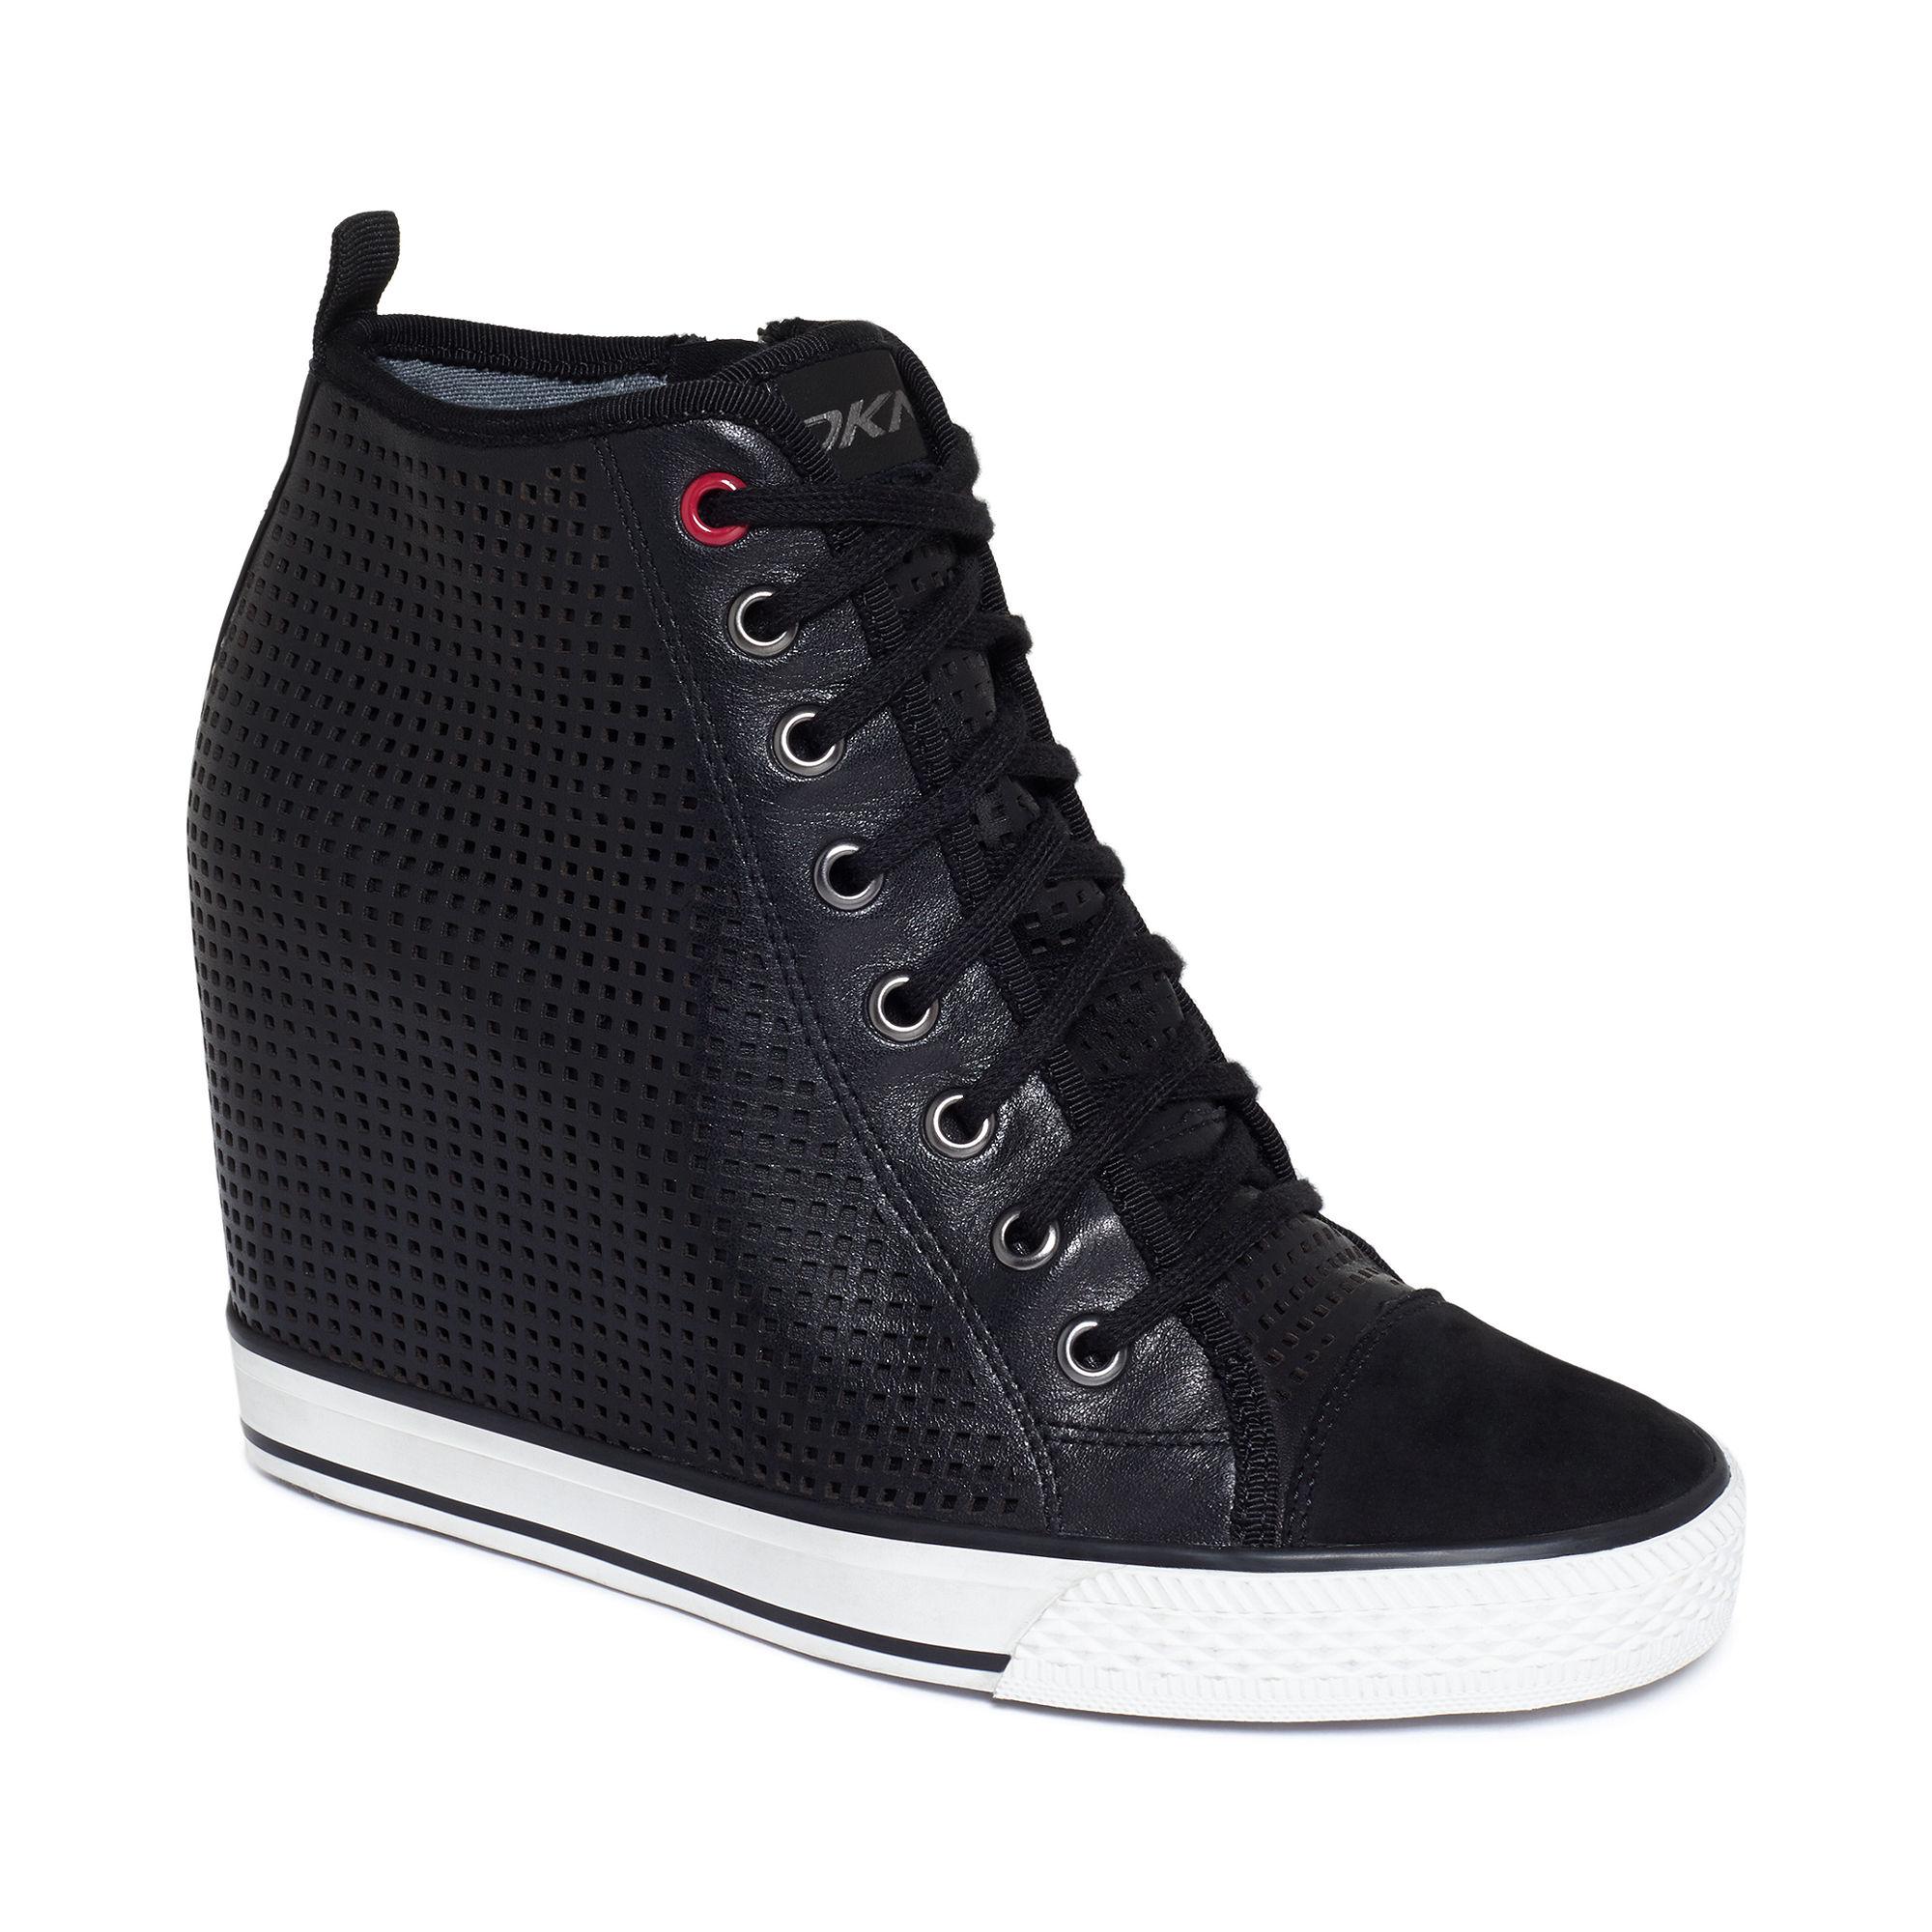 DKNY Grommet Wedge Sneakers in Black - Lyst